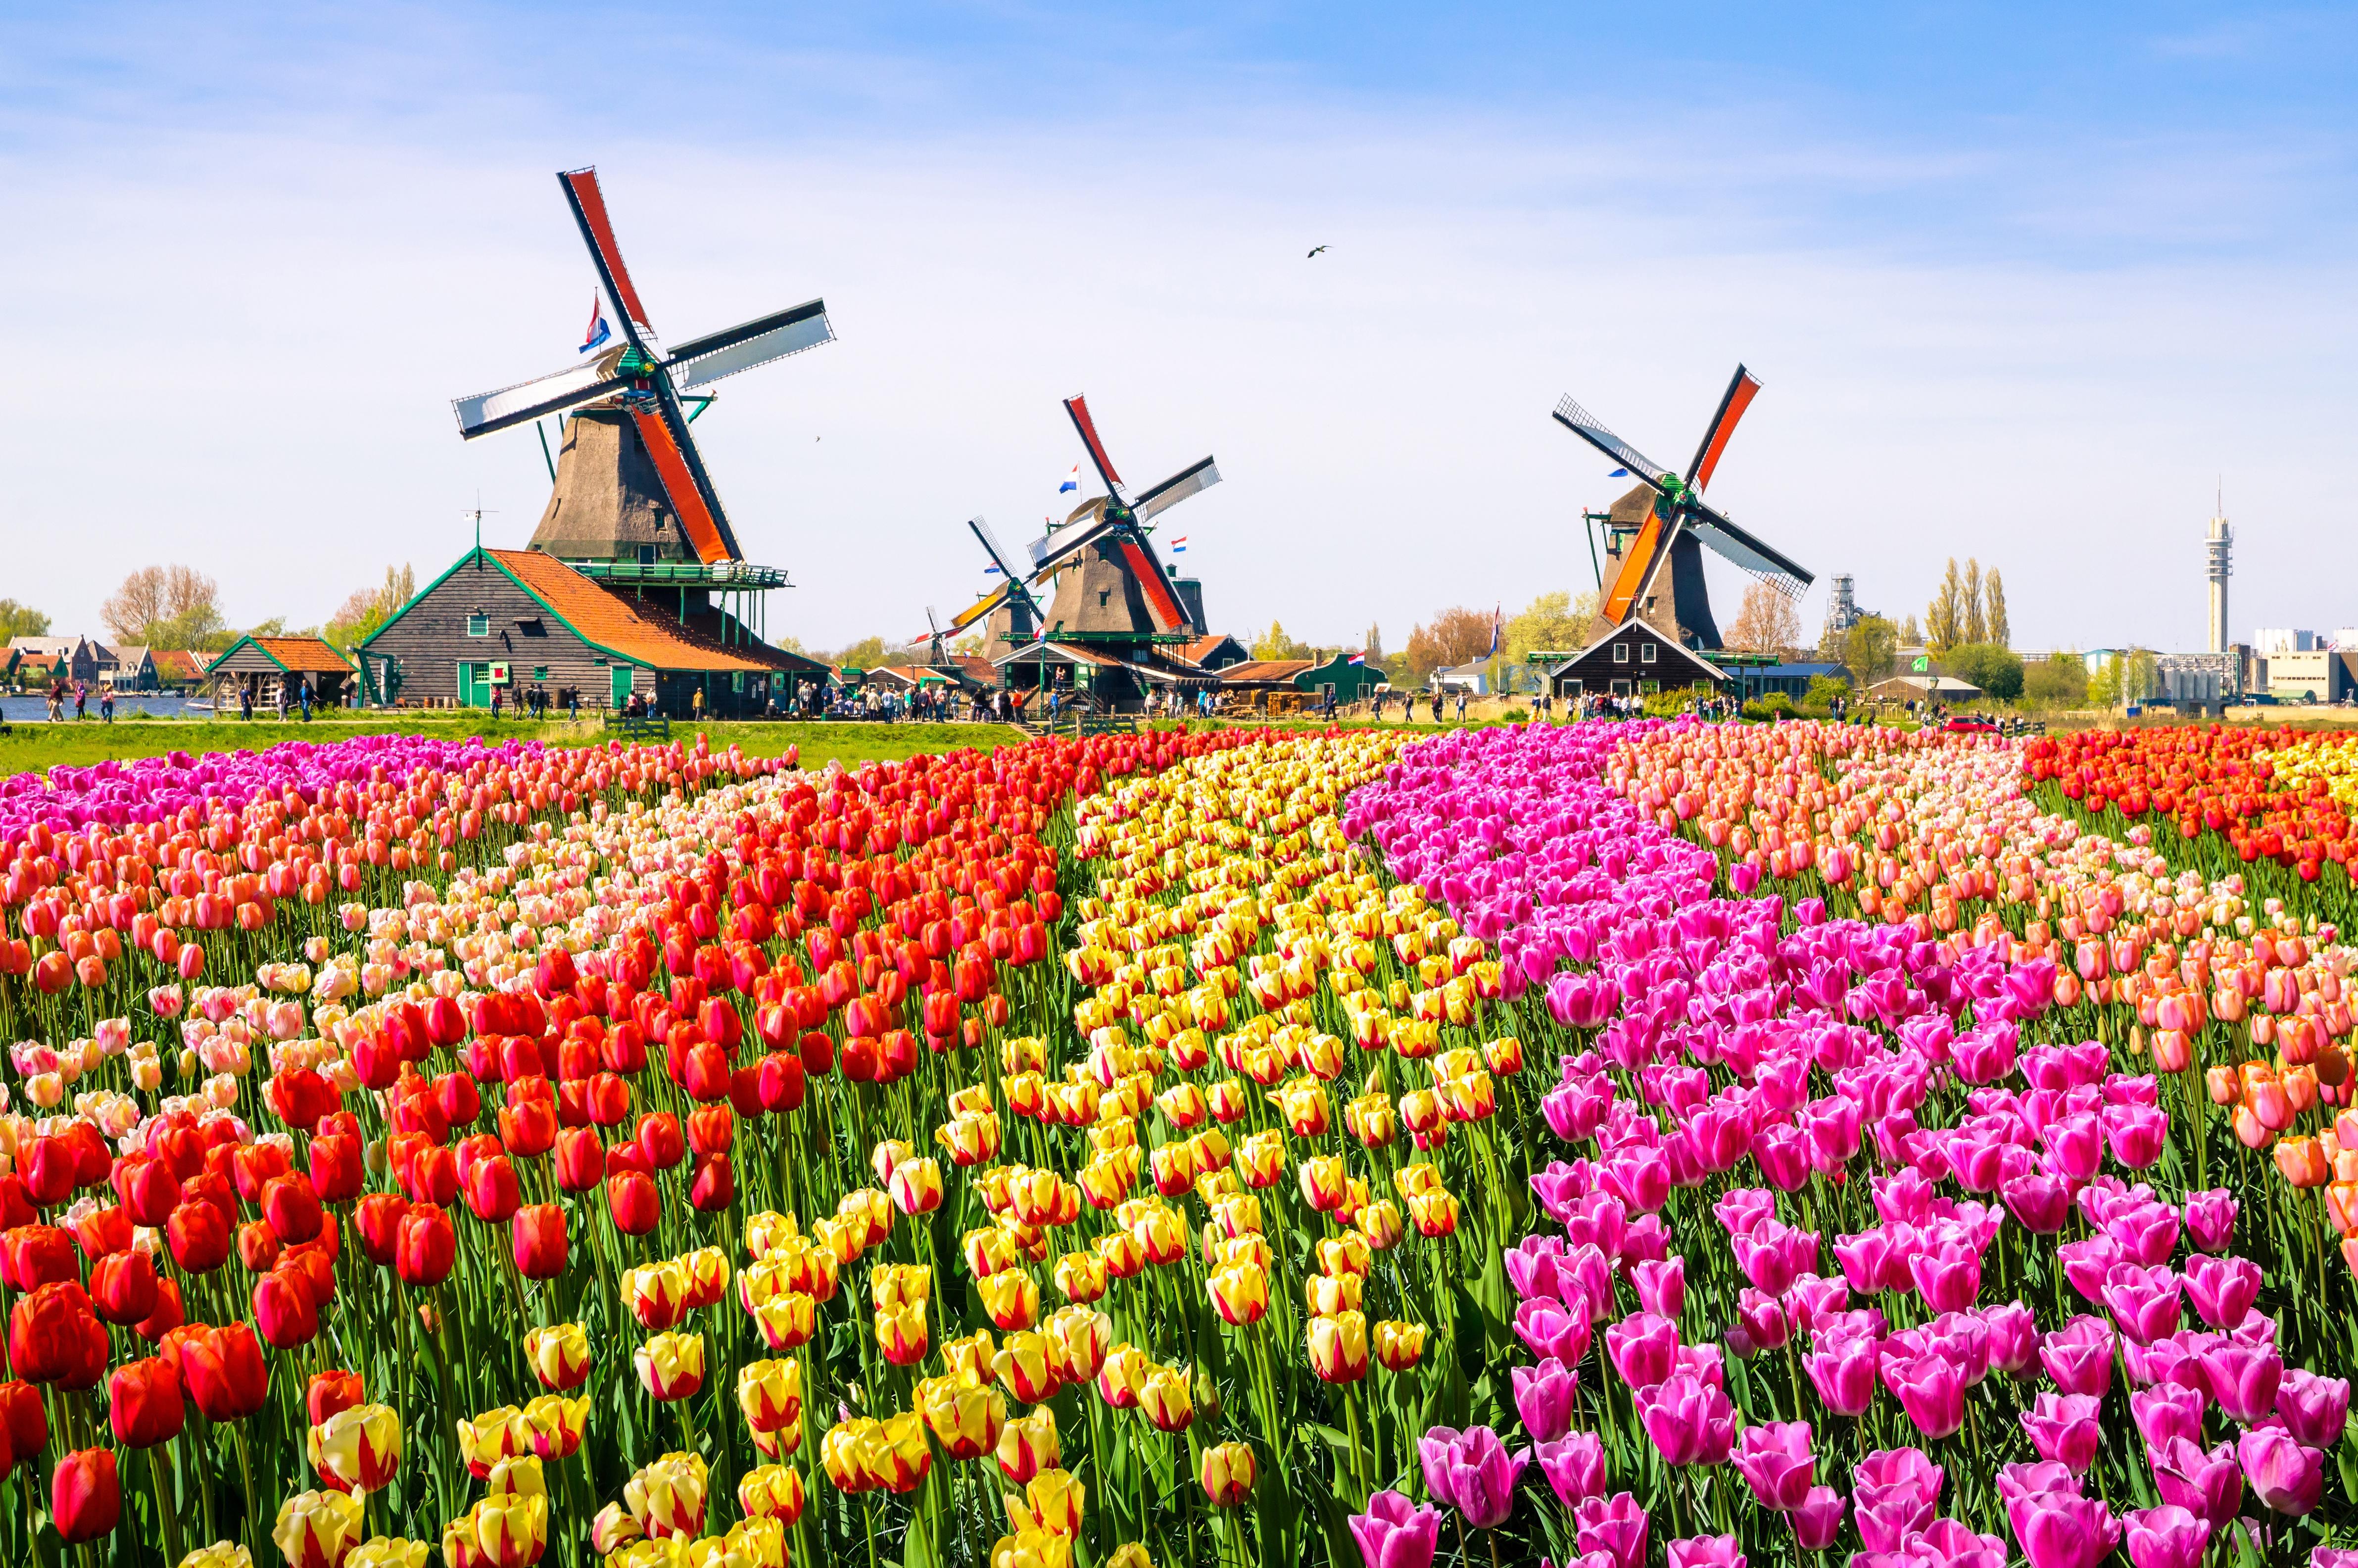 кадры самые красивые фото весны в мире упитанный мужчина